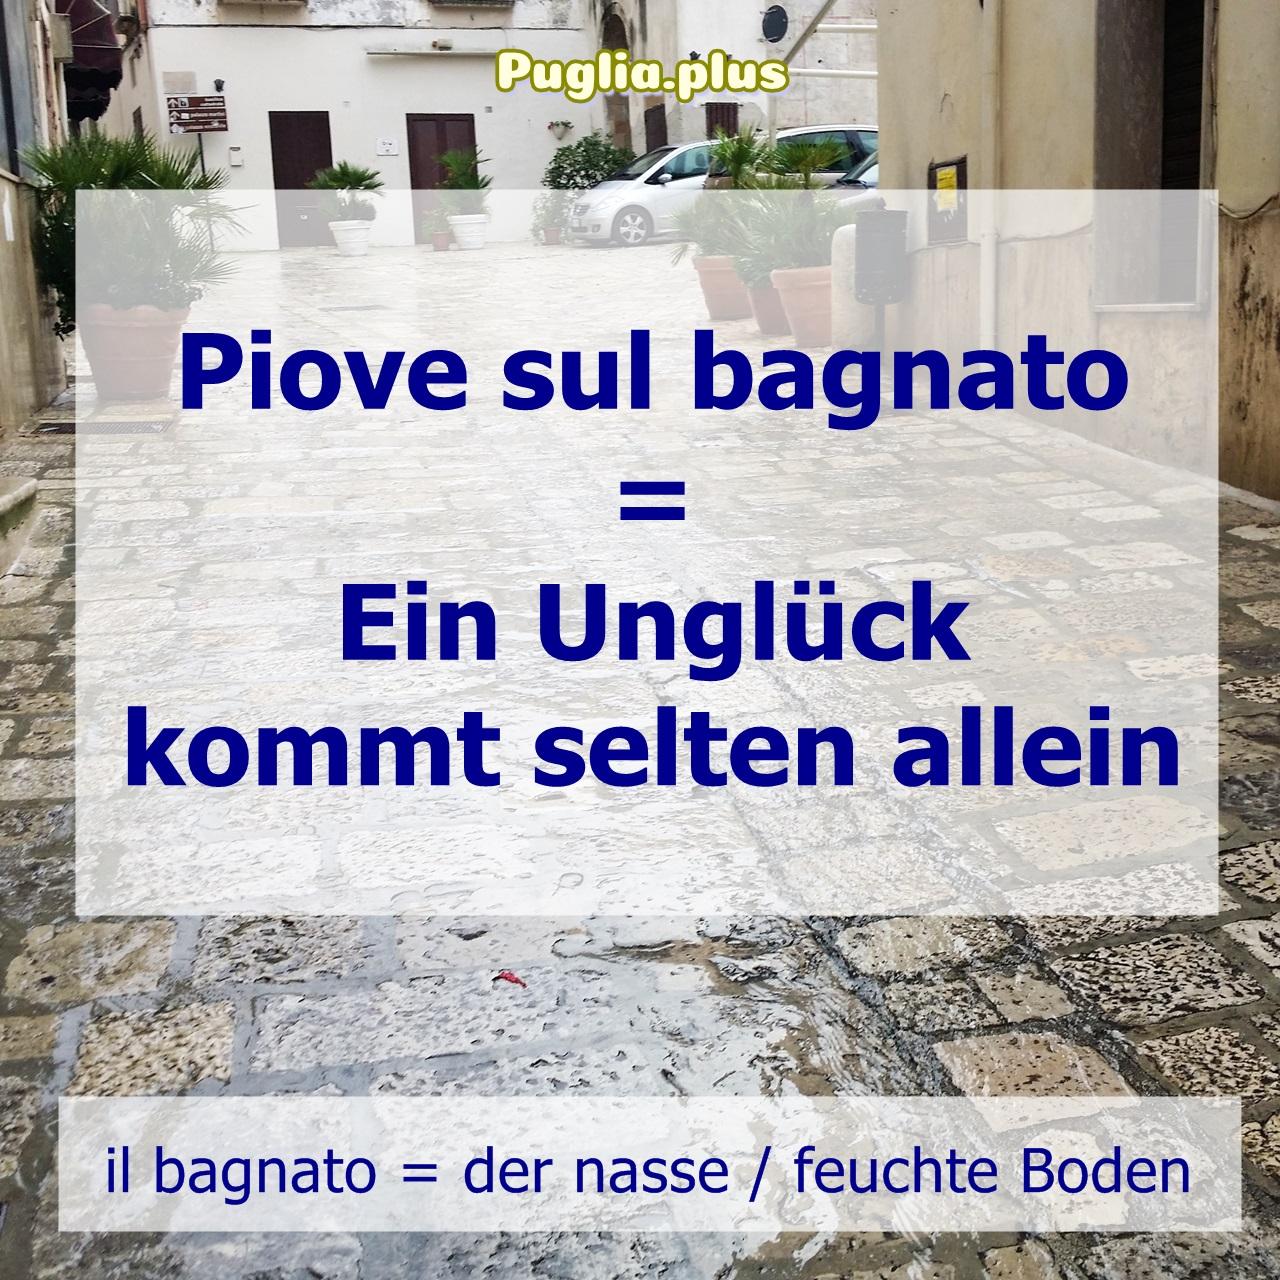 italienische Redewendung Regen